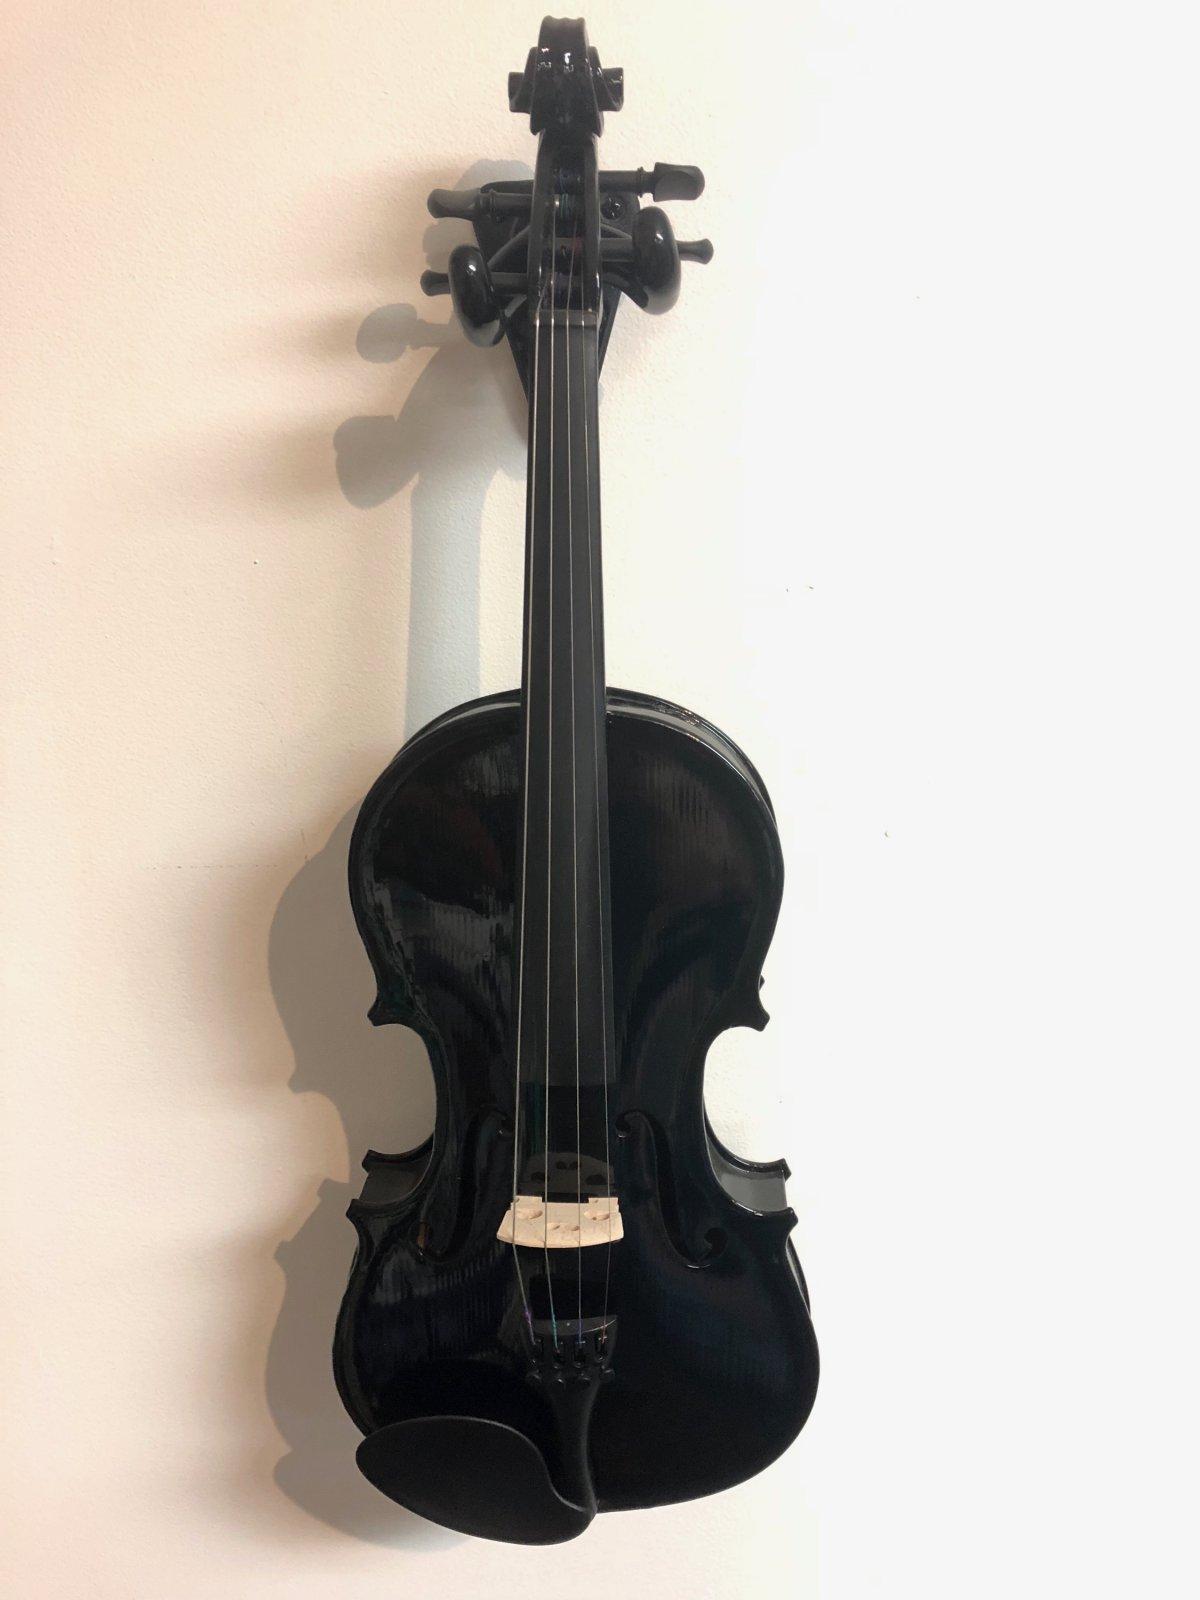 Stagg Violin 4/4 TBK